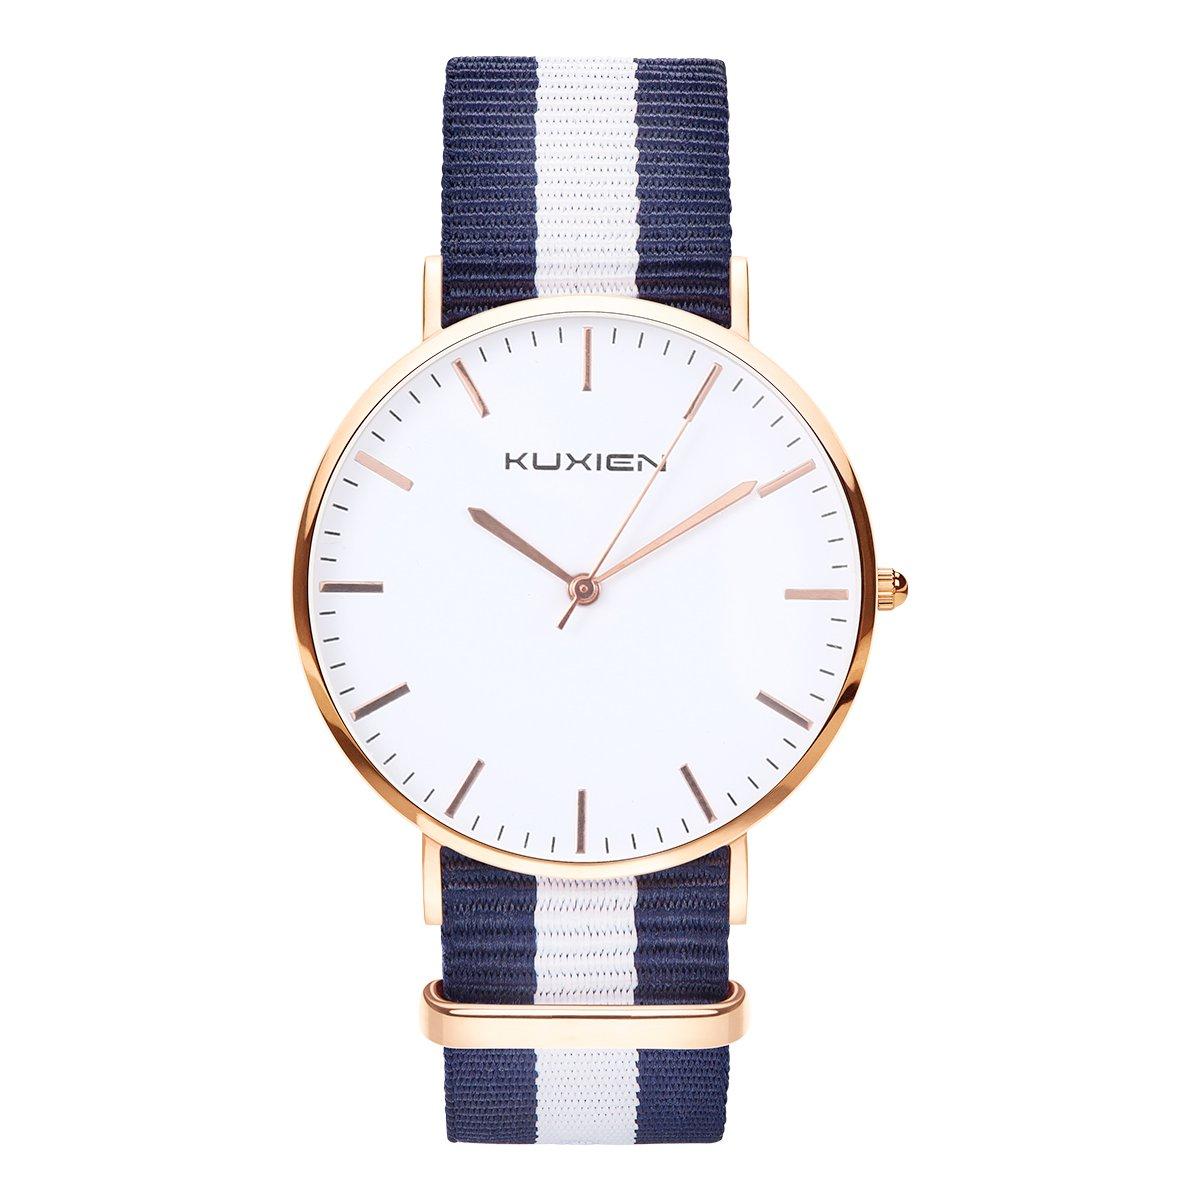 Relojes ,Relojes de pulsera KUXIEN Reloj de las mujeres, Reloj de pulsera unisex Elegantes Y Modernas ,Ultra Plana Esfera Analógico Cuarzo Reloj , correa nylon